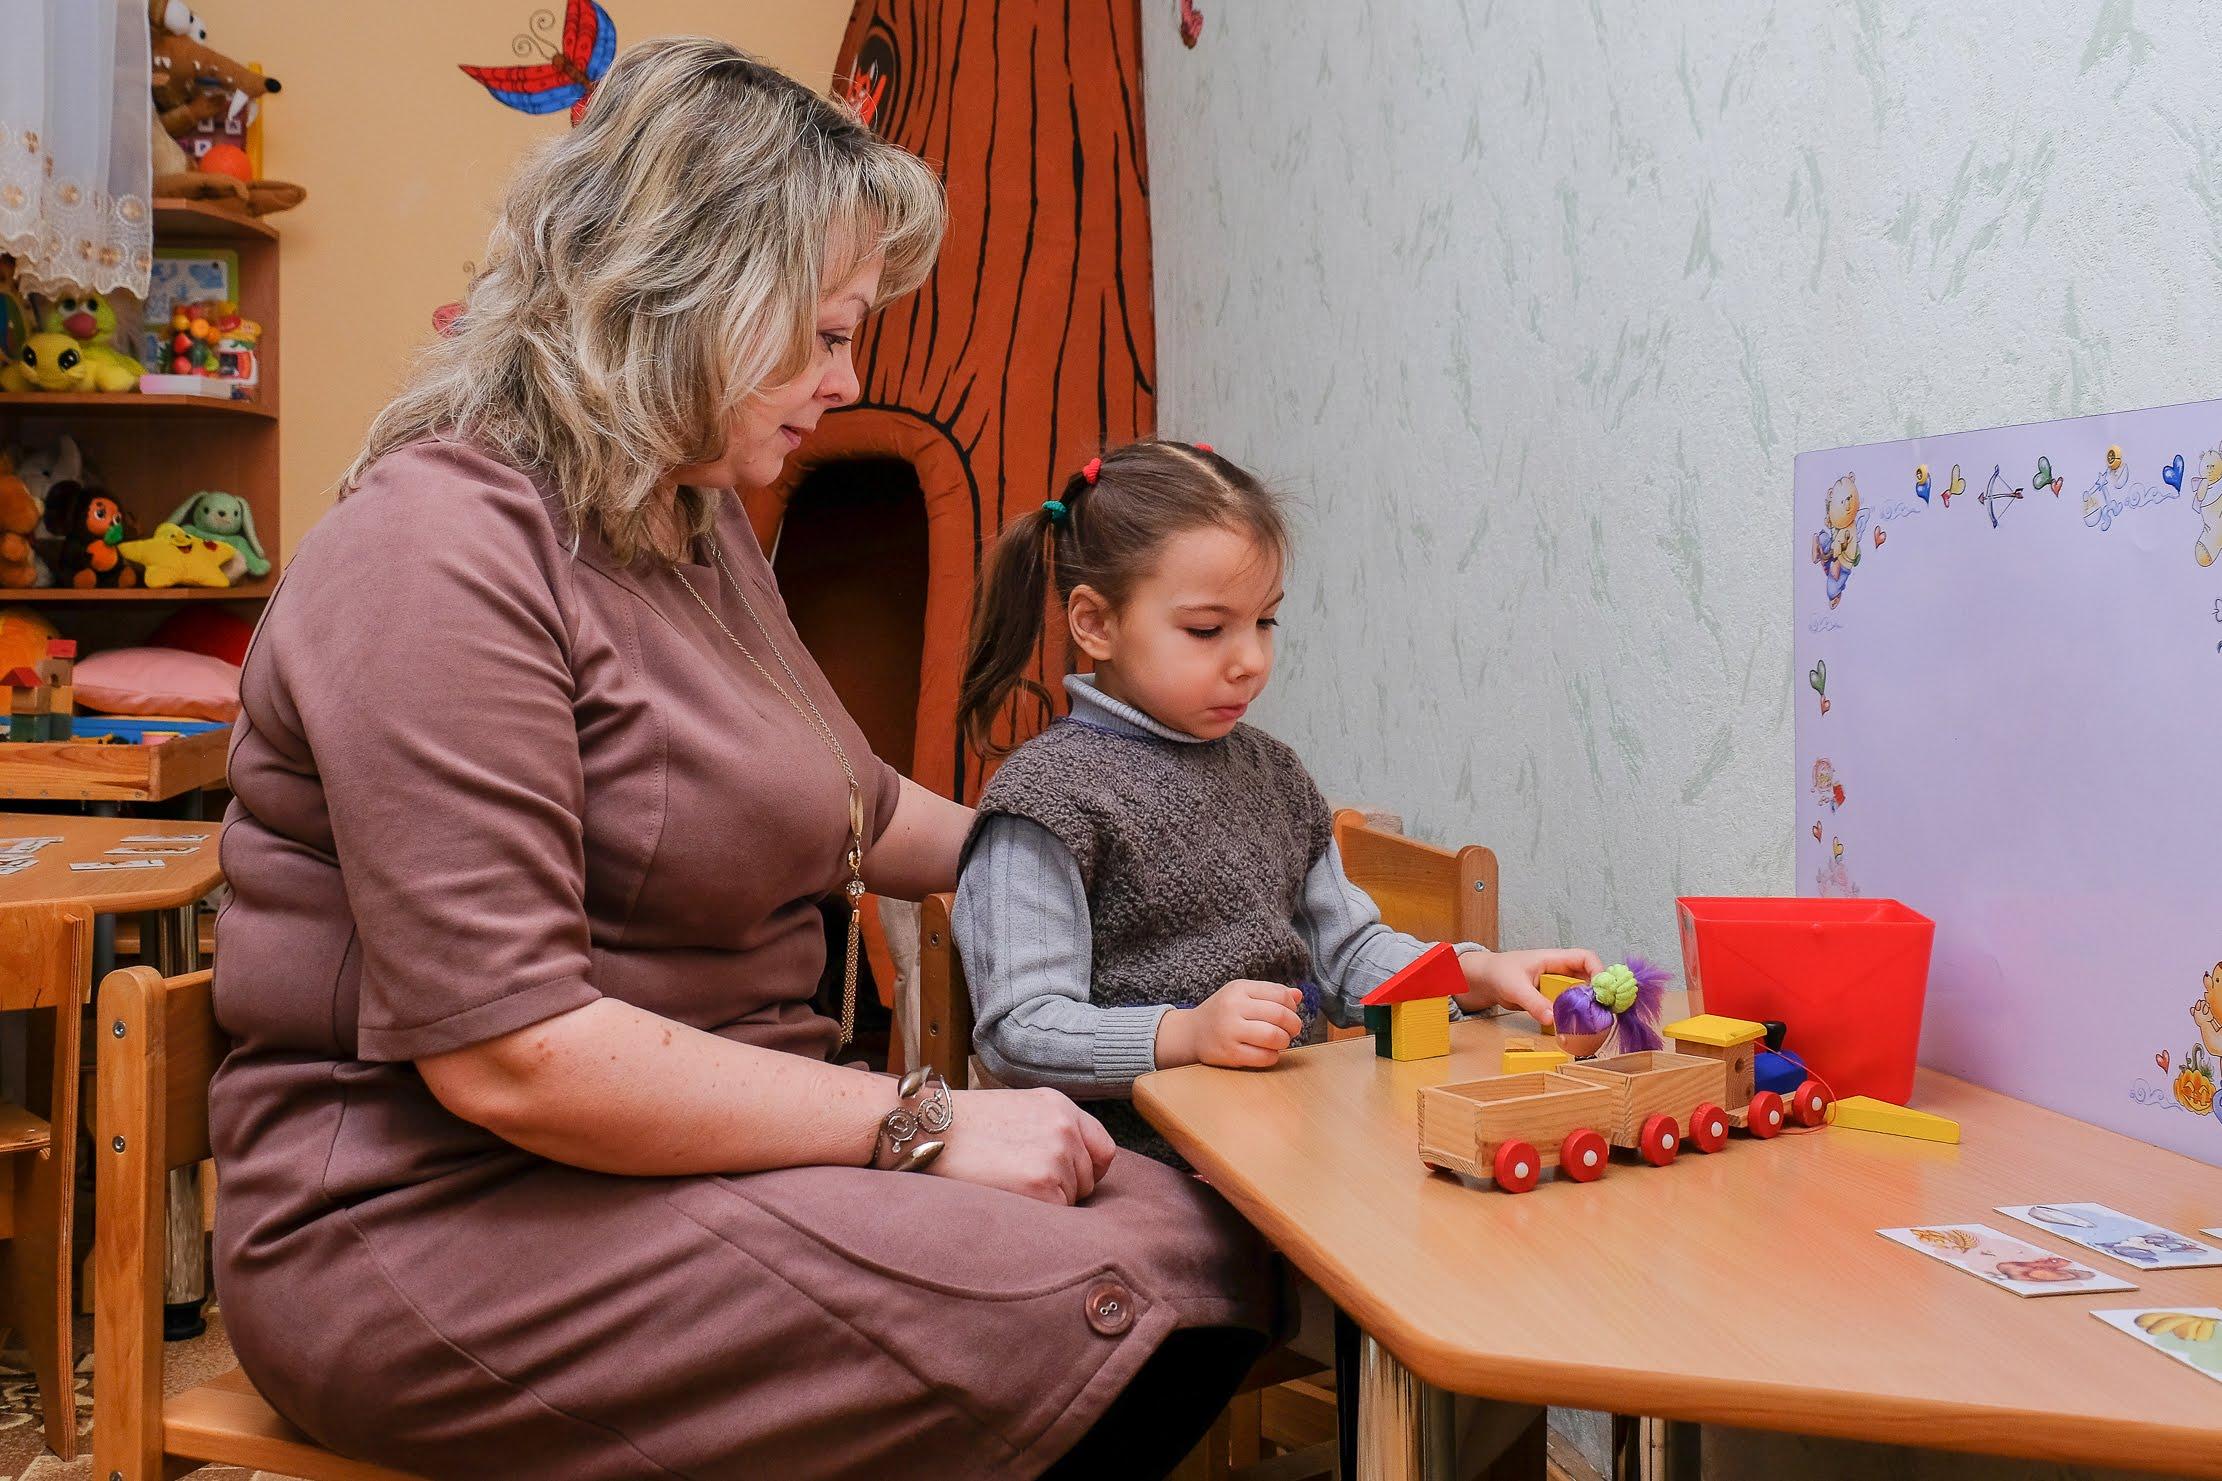 У січні 2018-го інклюзивну групу відкрили у дитсадку №340 Дніпра. Її відвідує особлива Надійка